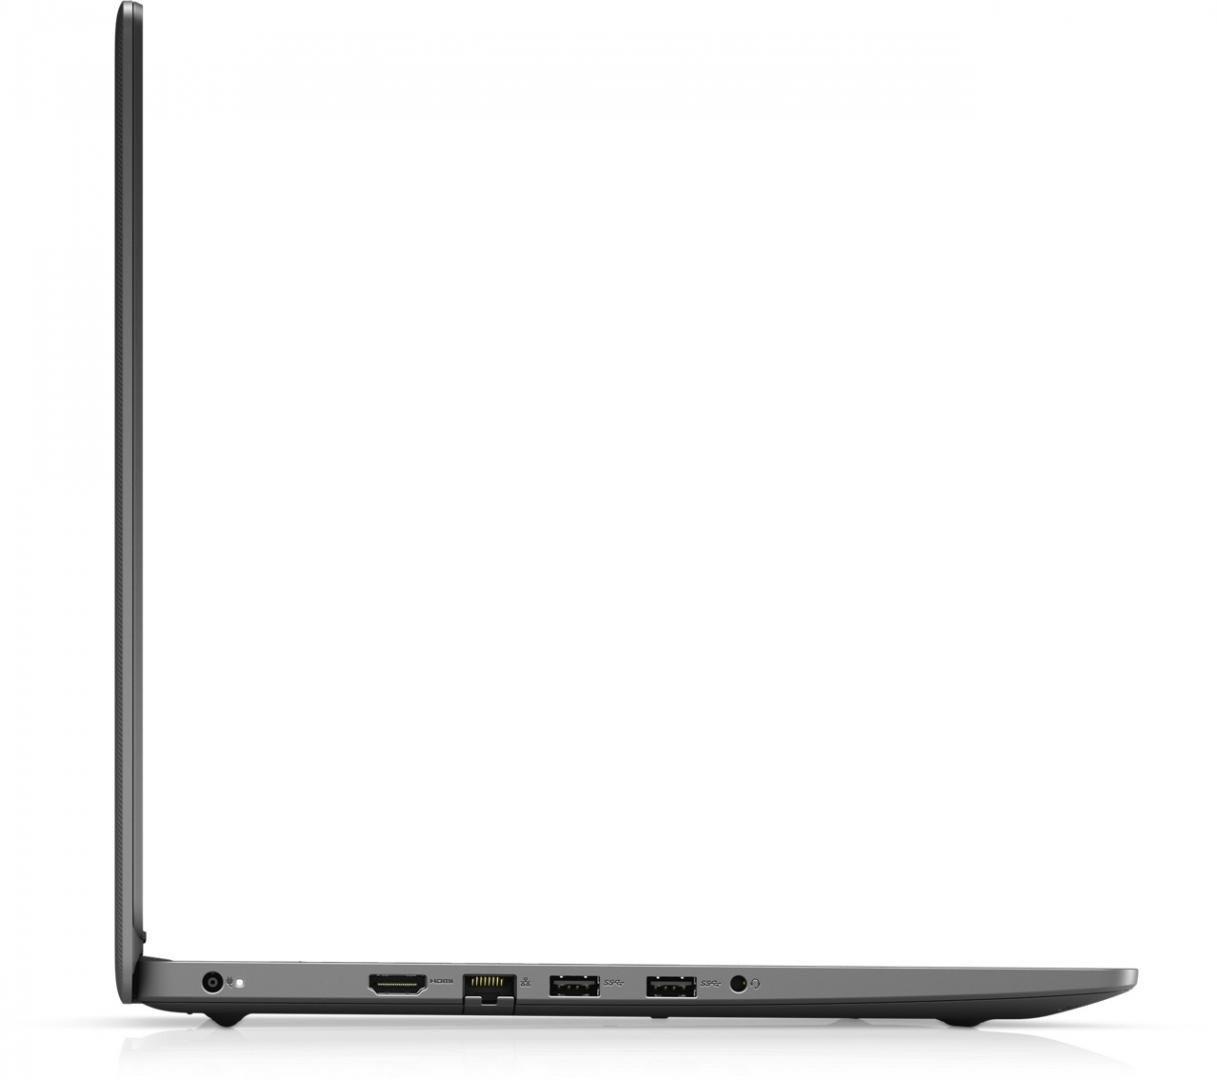 Laptop Dell Vostro 3500, 15.6'' FHD, i5-1135G7, 8GB, 512GB SSD, Intel Iris Xe Graphics, W10 Pro - imaginea 6